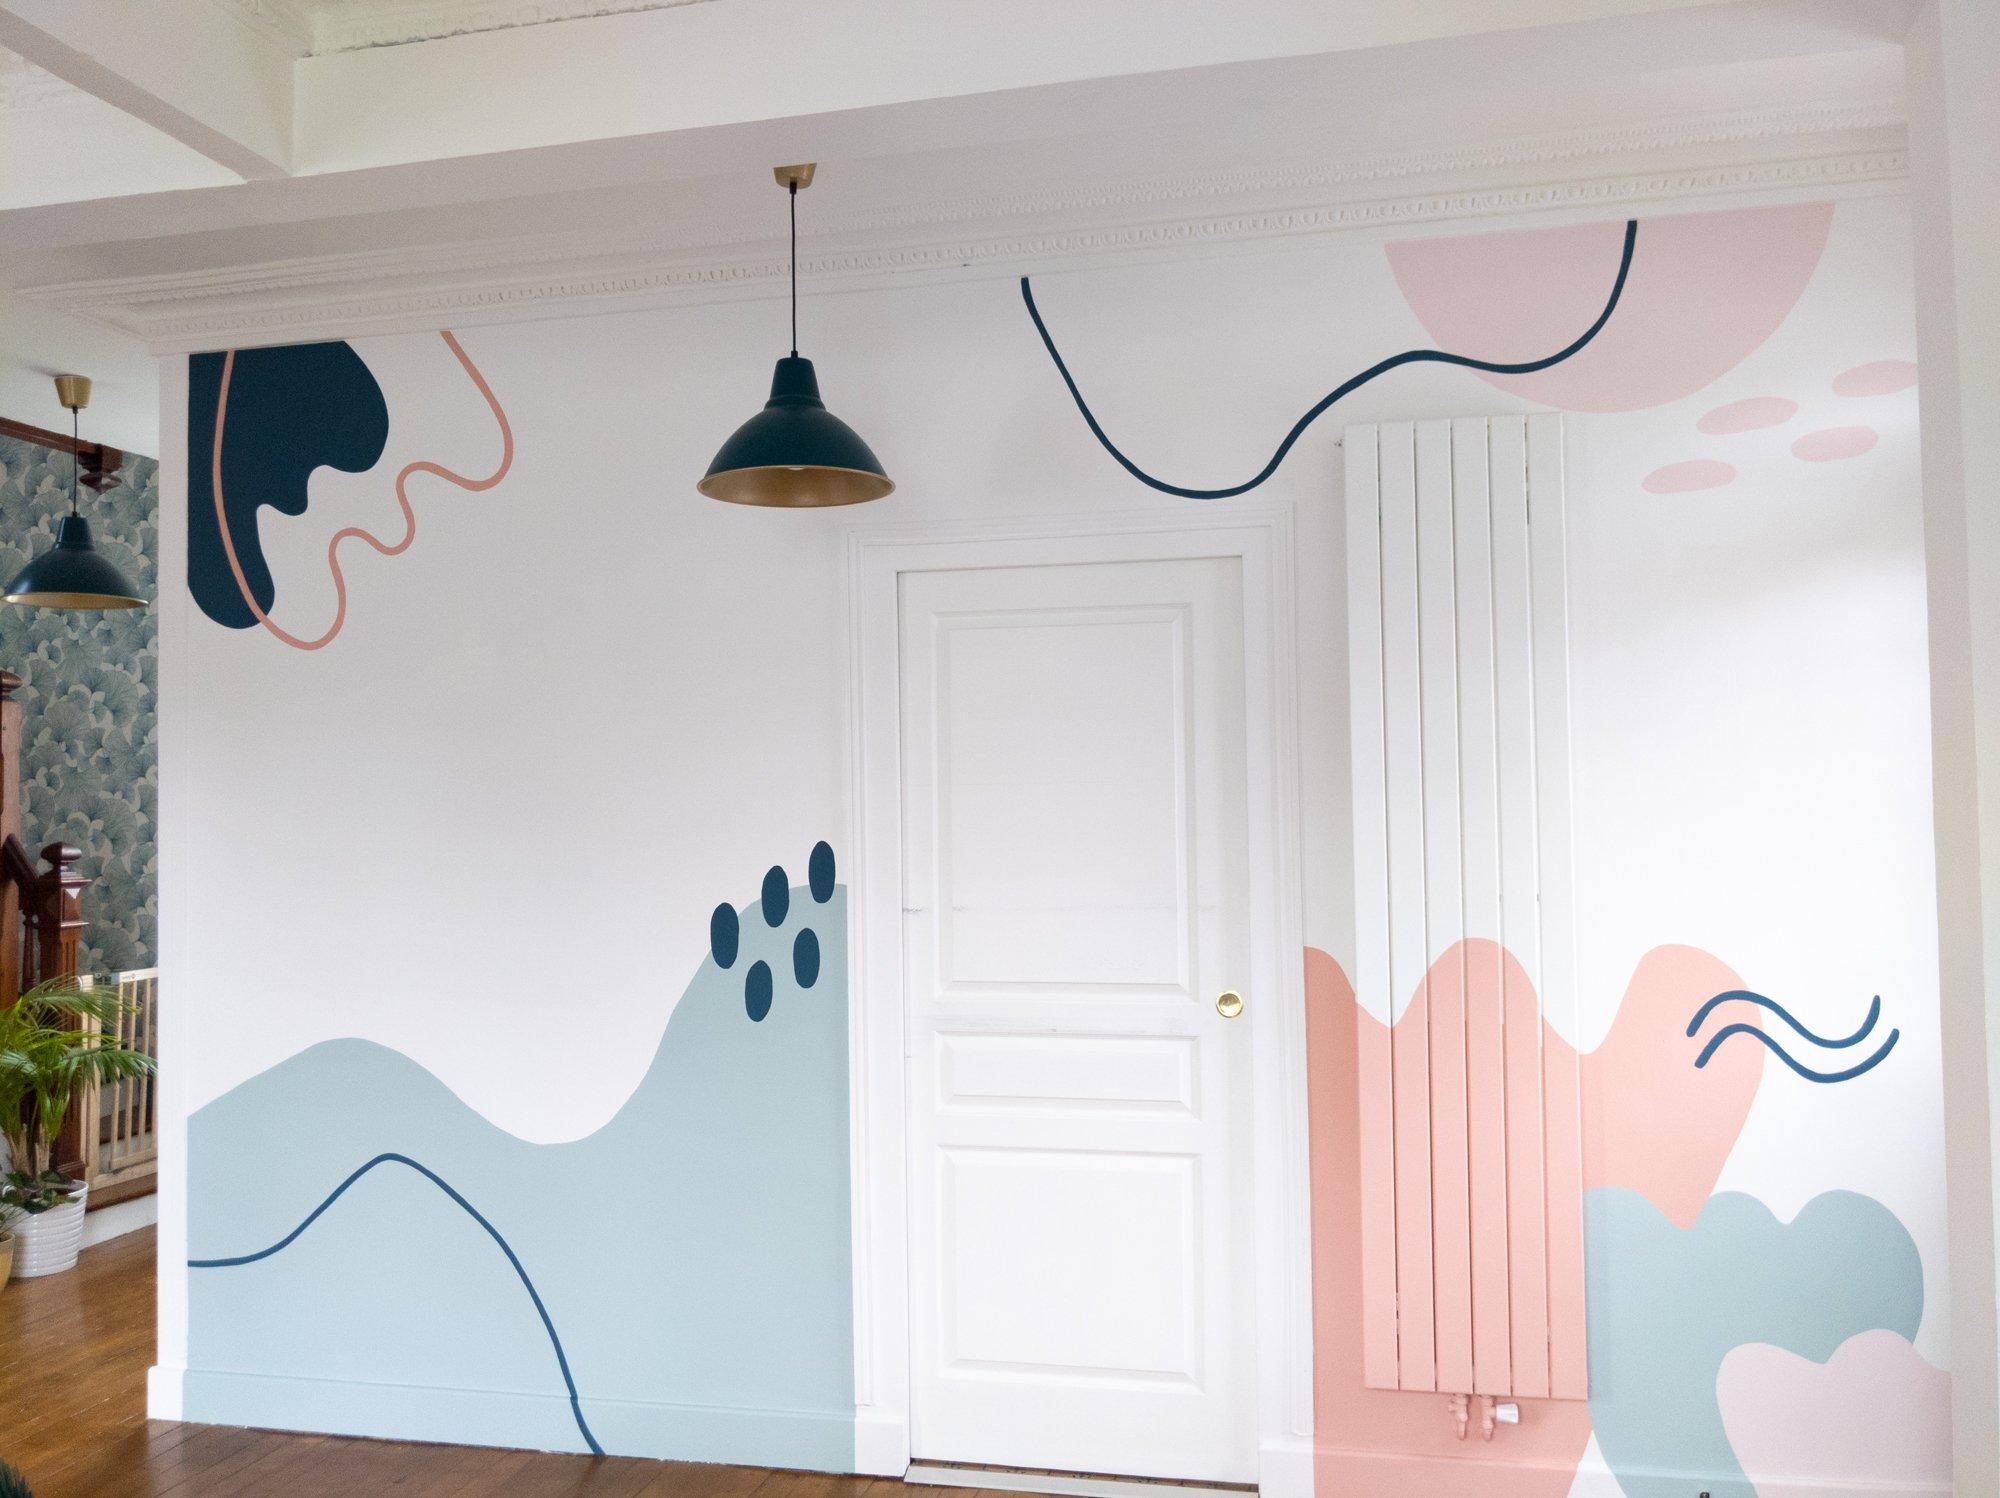 création de fresque murale personnalisée / withalovelikethat.fr